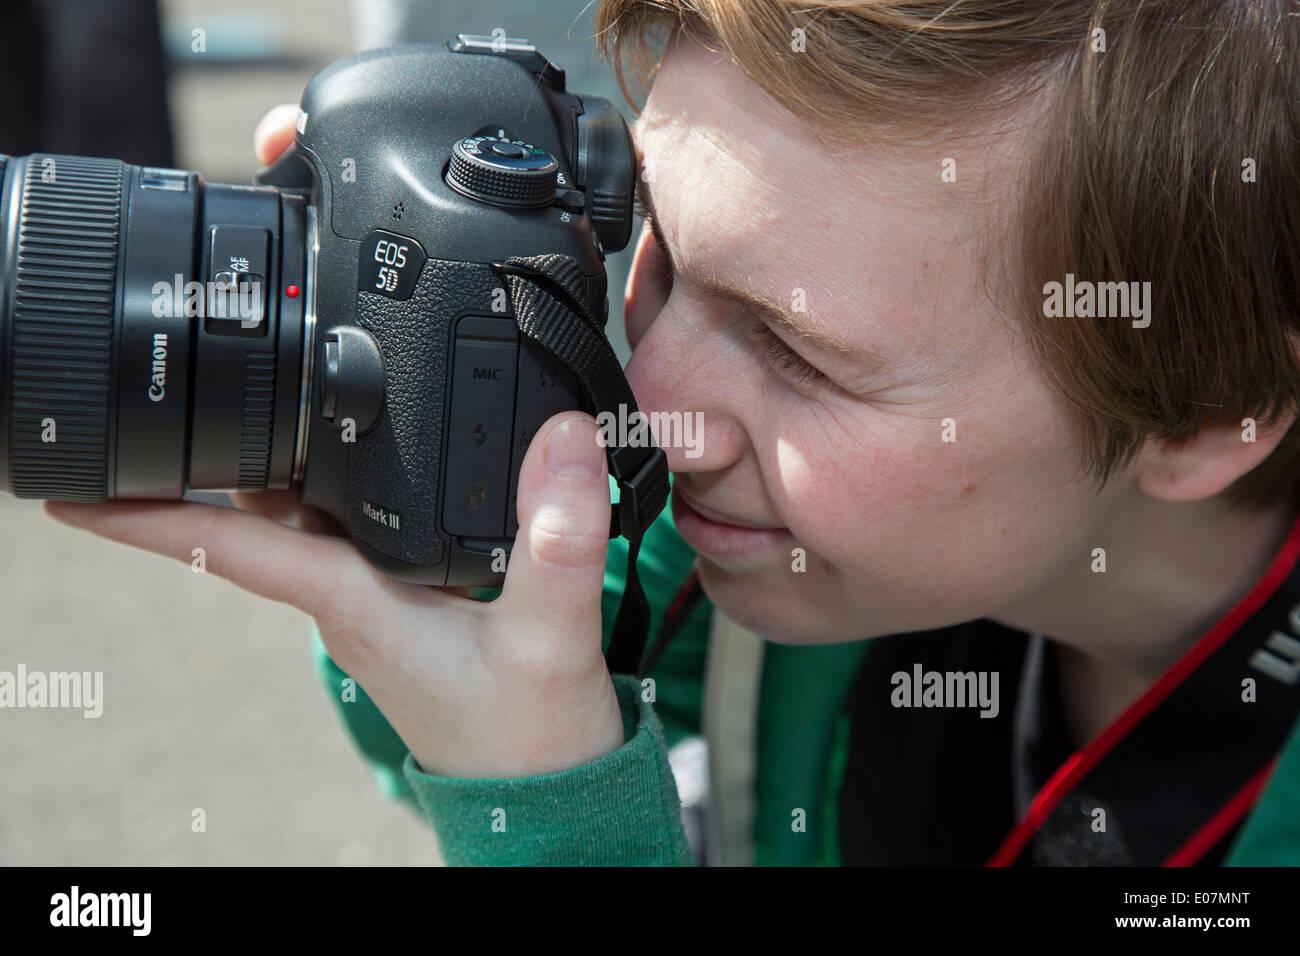 Detroit, Michigan - Fotograf dokumentiert den Segen von Lowridern, eine jährliche Veranstaltung im Südwesten Detroit. Stockbild